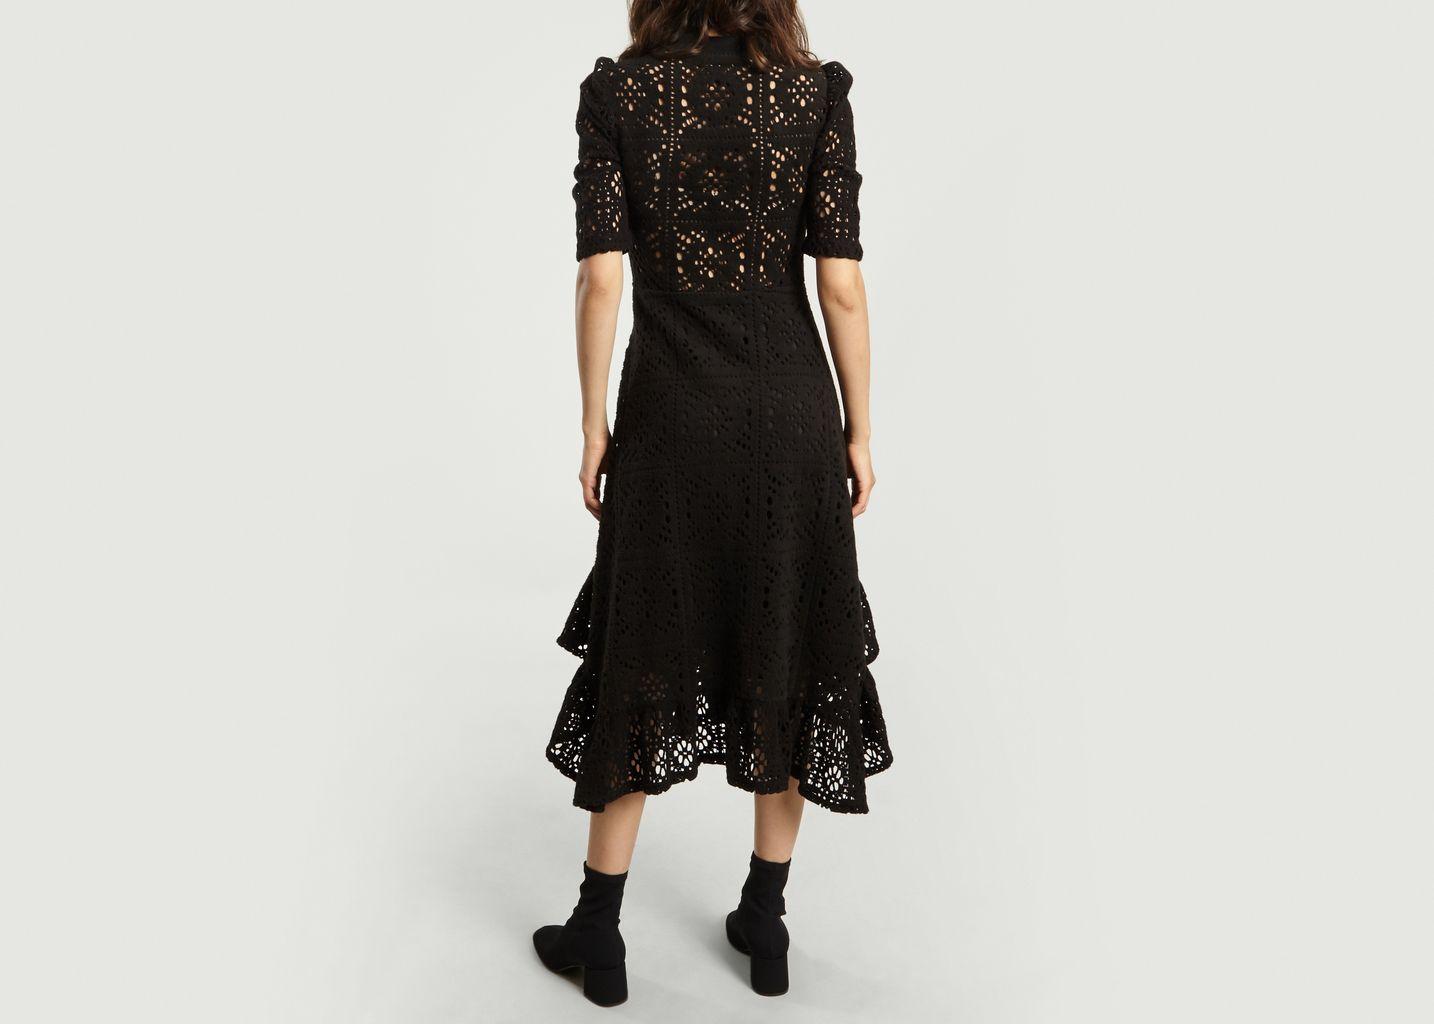 Jersey Dress Fashion Dresses Lace – wX8Pkn0O